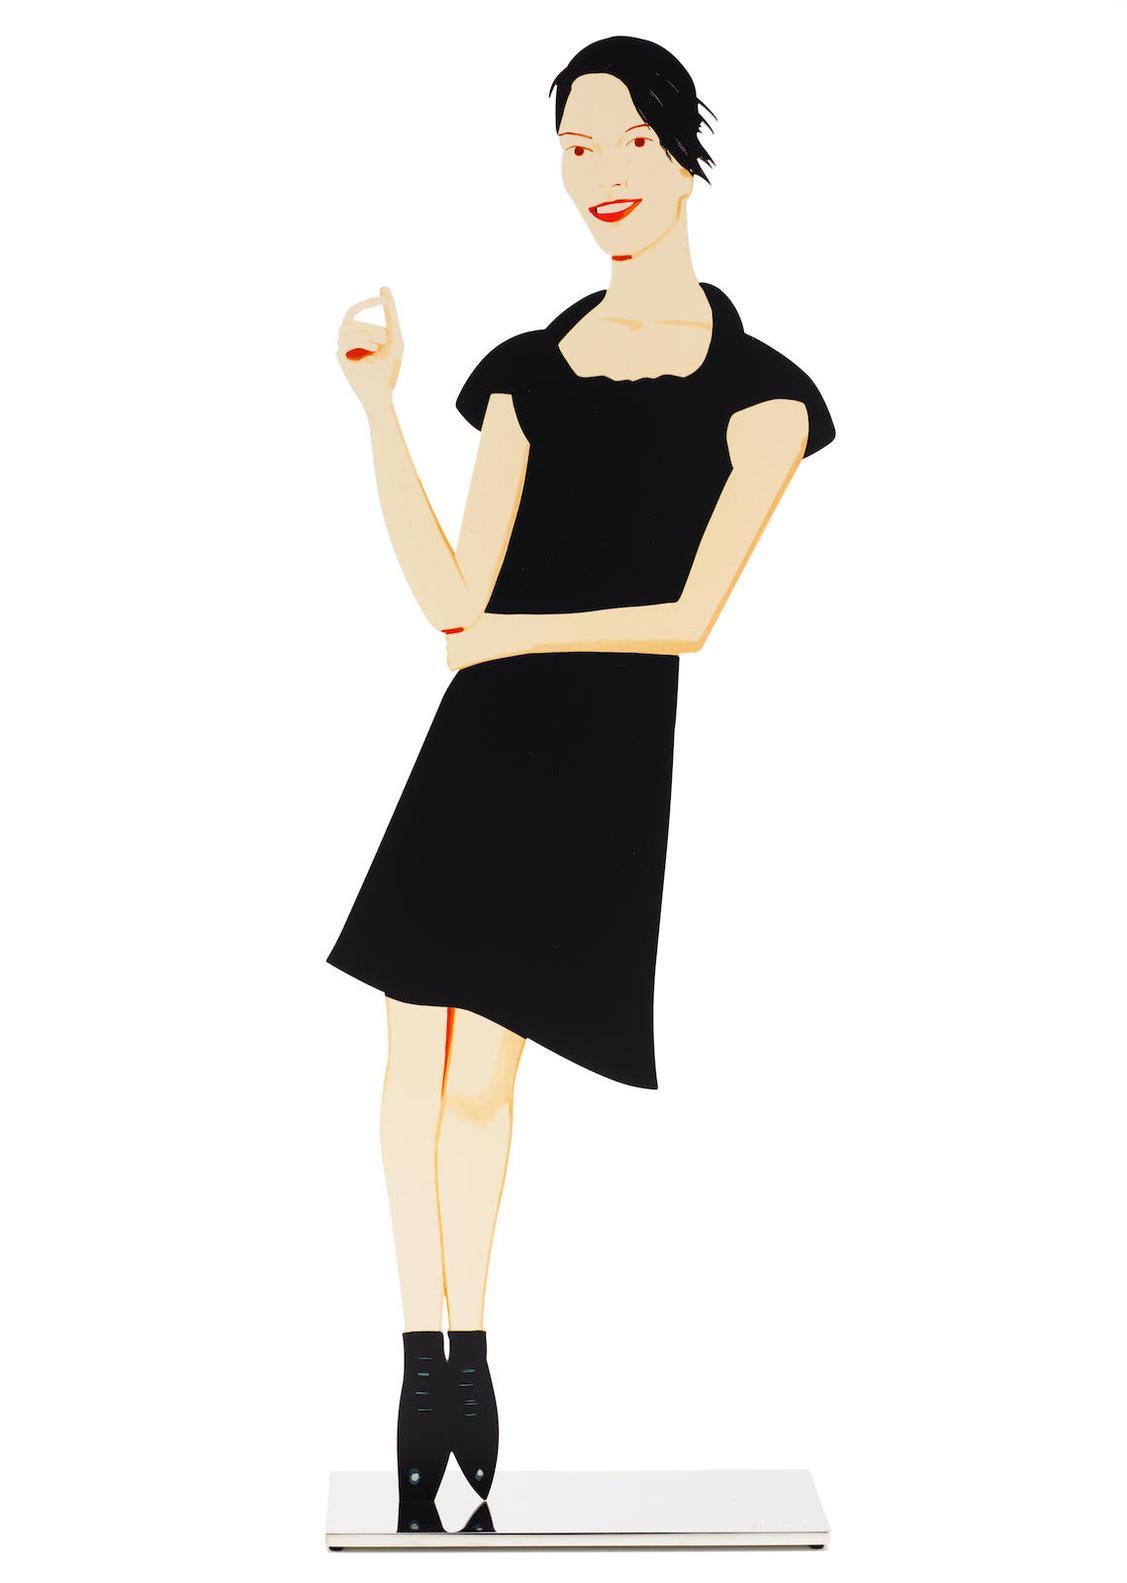 Alex Katz-Black Dress 7 (Carmen)-2018